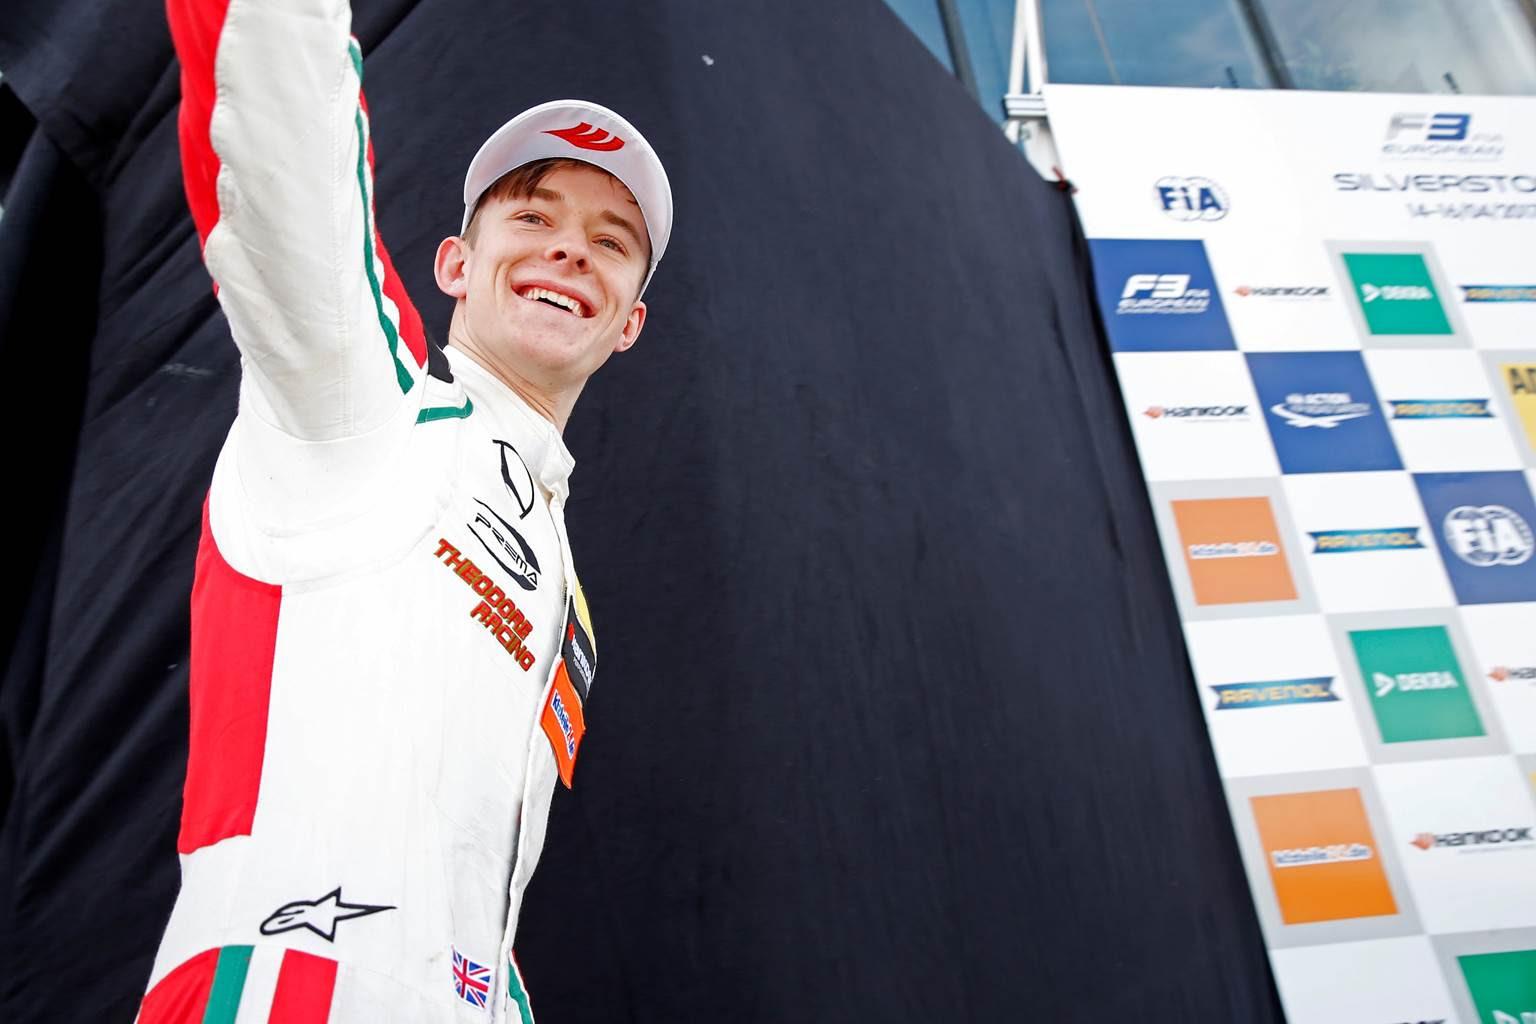 Callum Ilott FIA F3 Silverstone